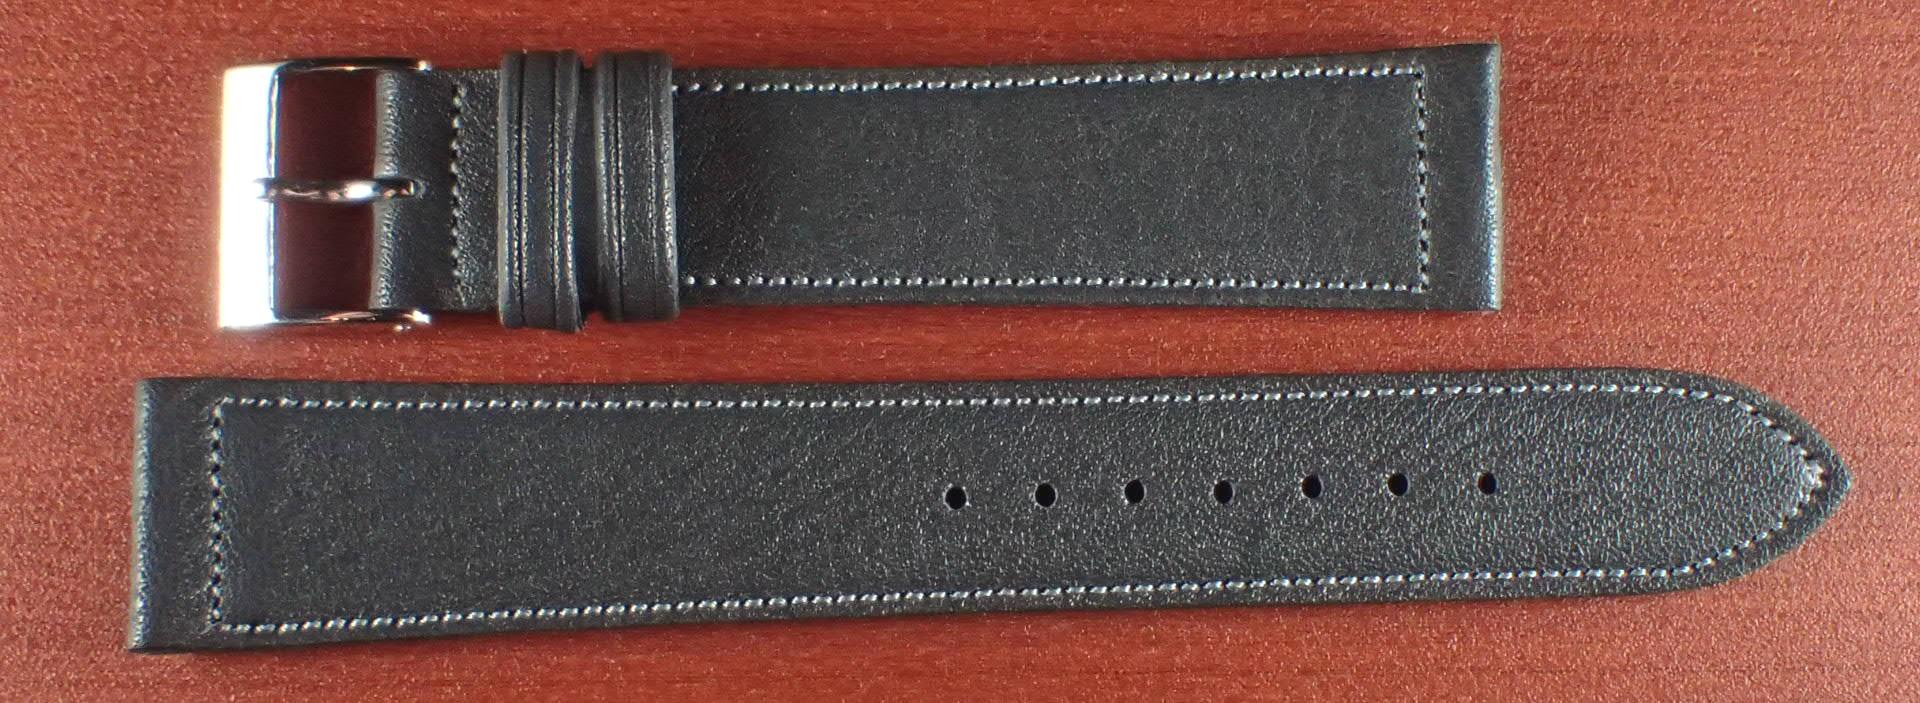 ヴィンテージレザー 牛革ベルト ブルーグレー 18mm、20mm